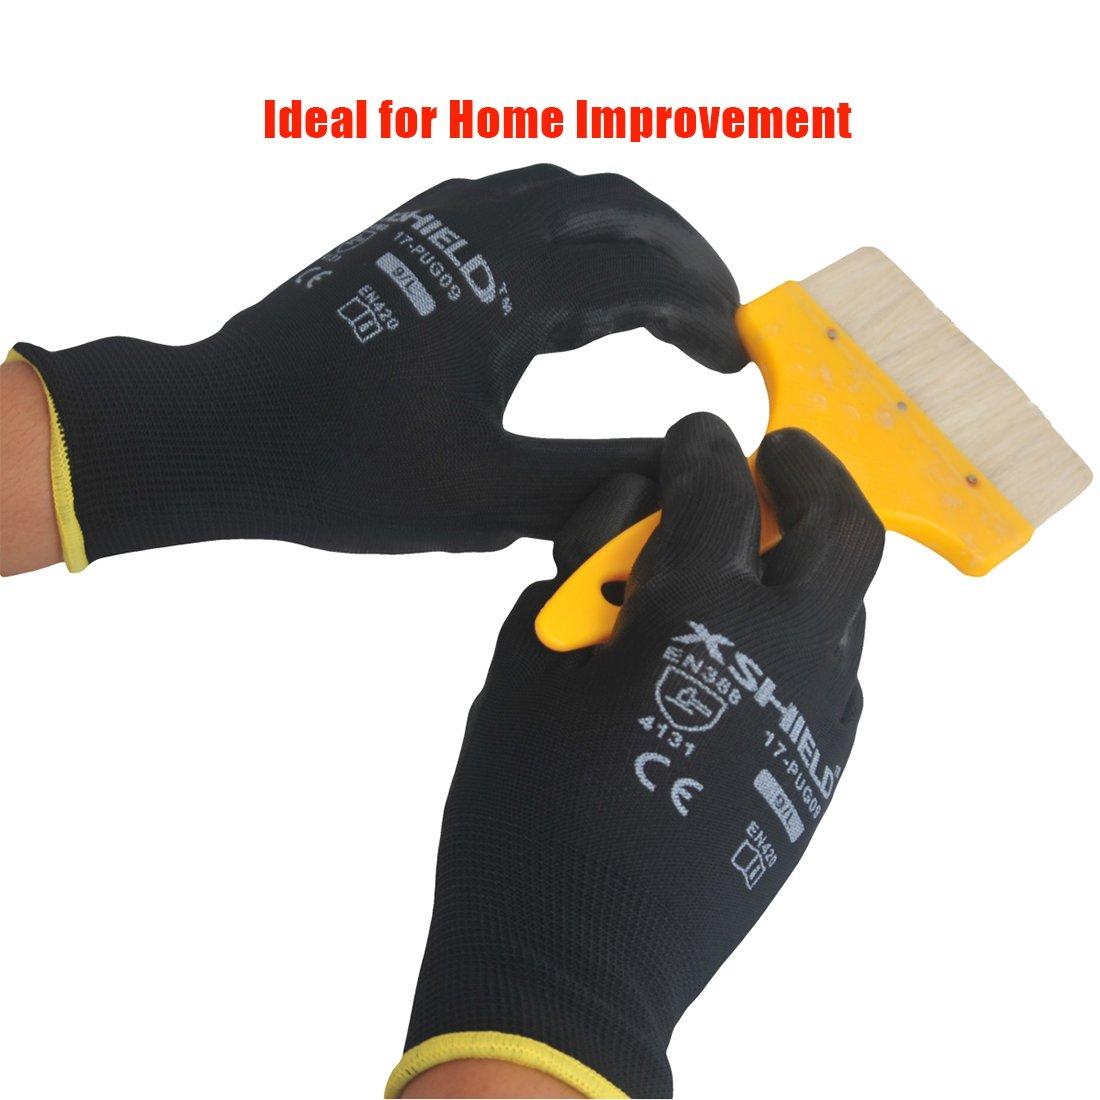 XSHIELD 17-PUG,Polyurethane/Nylon Safety WORK Glove,12 Pairs (X-Large, White) 6